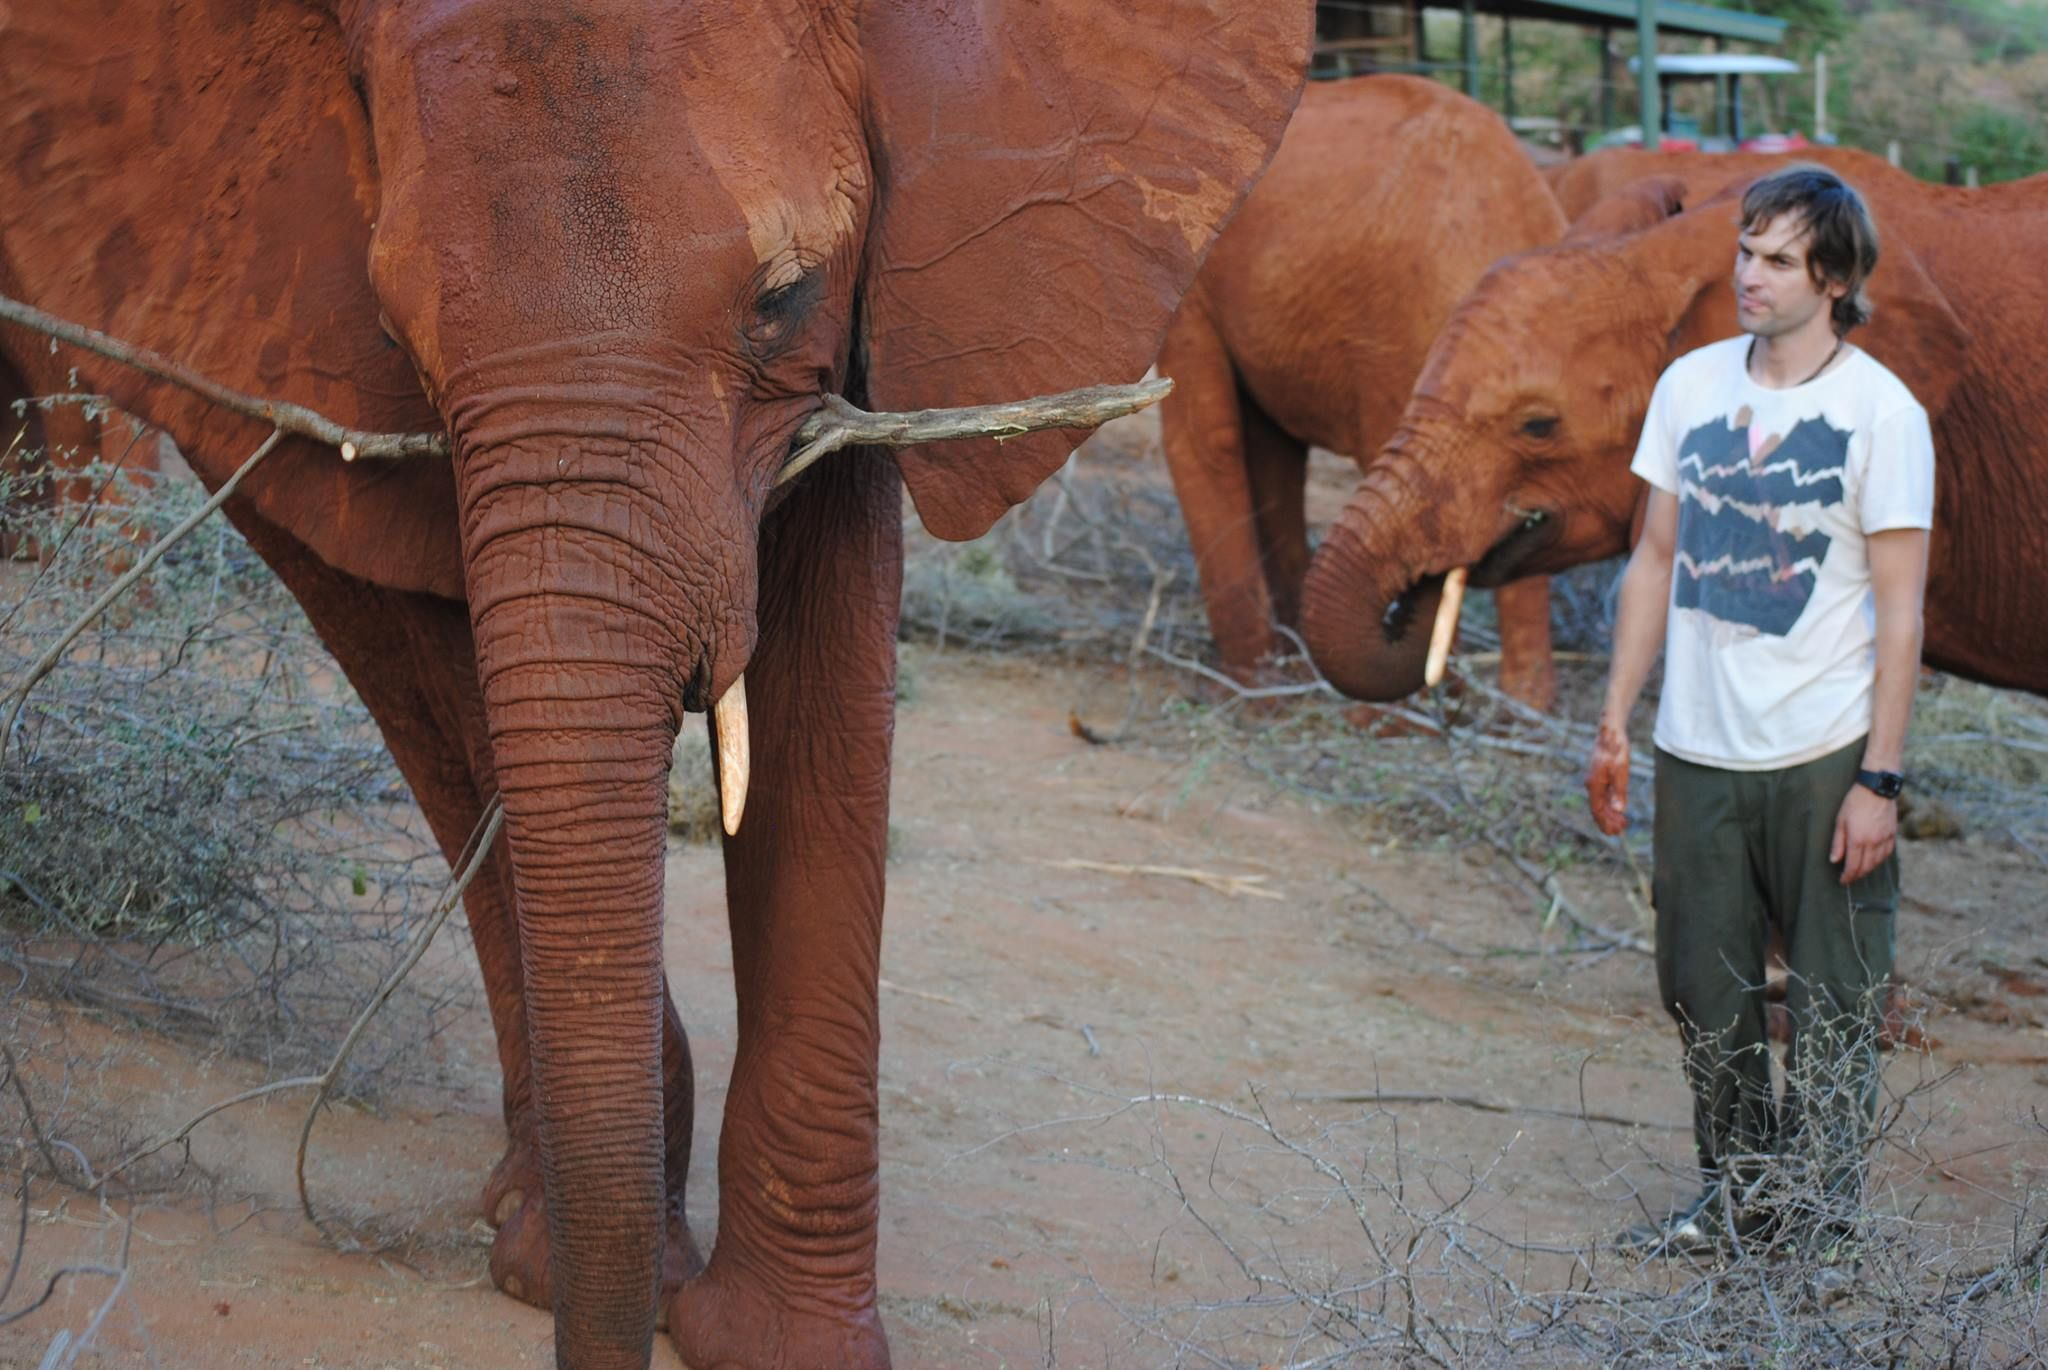 La historia del veterinario argentino que dejó todo para curar elefantes en África